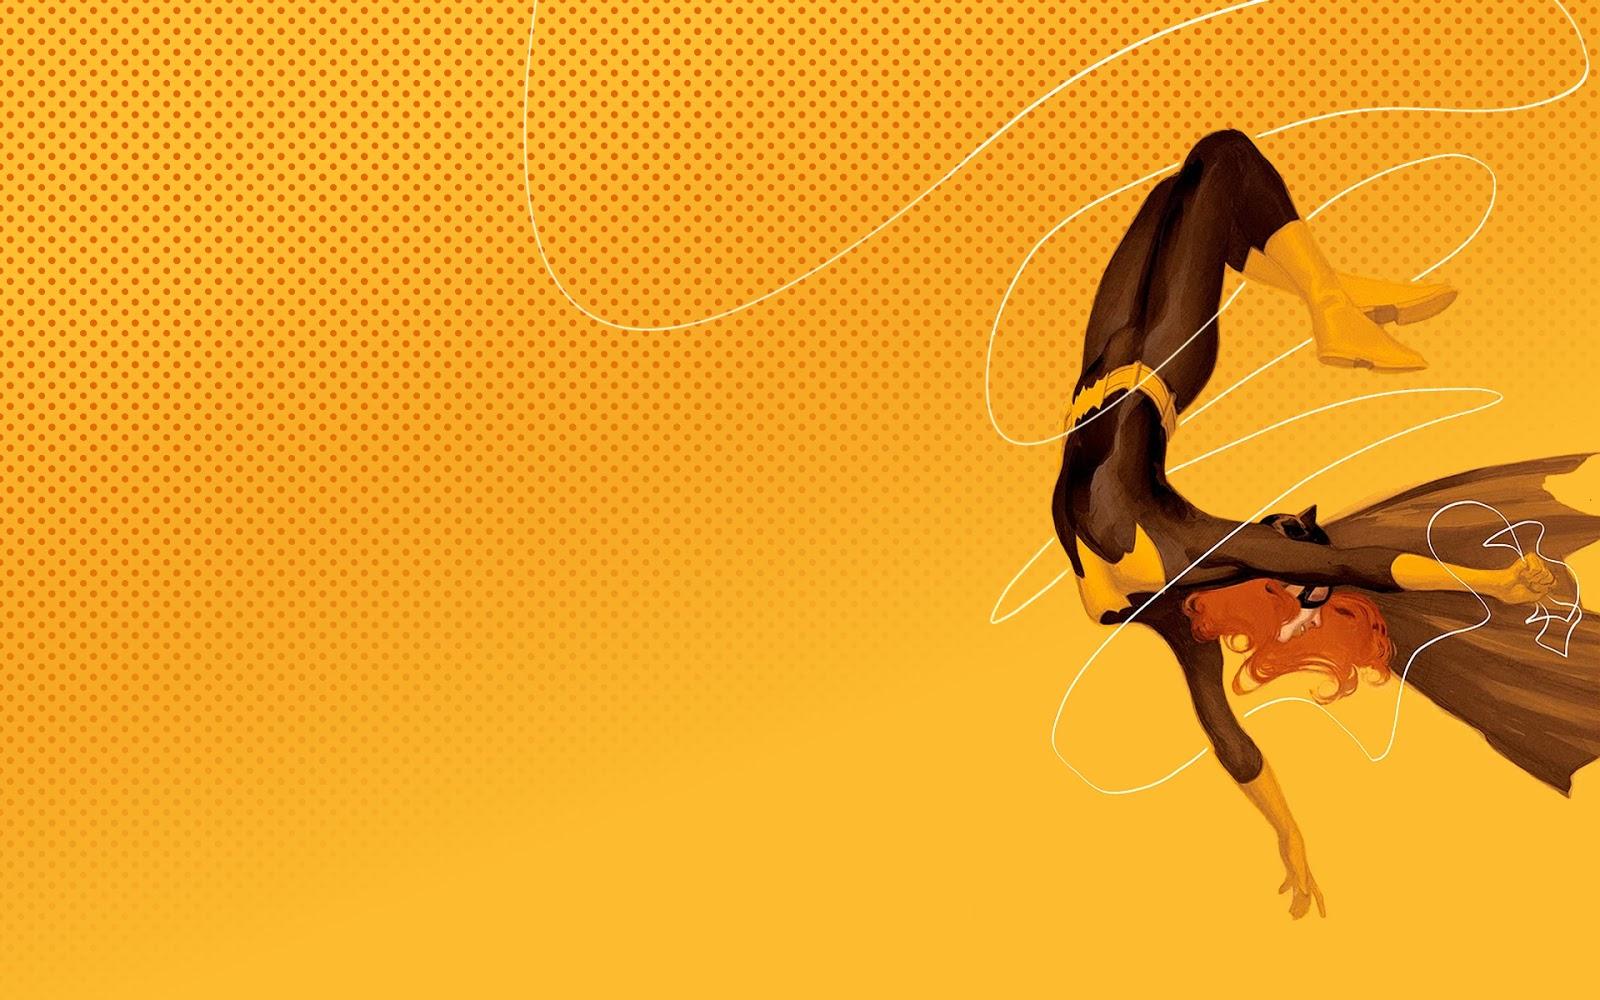 batgirl from dc comics wallpaper - photo #4